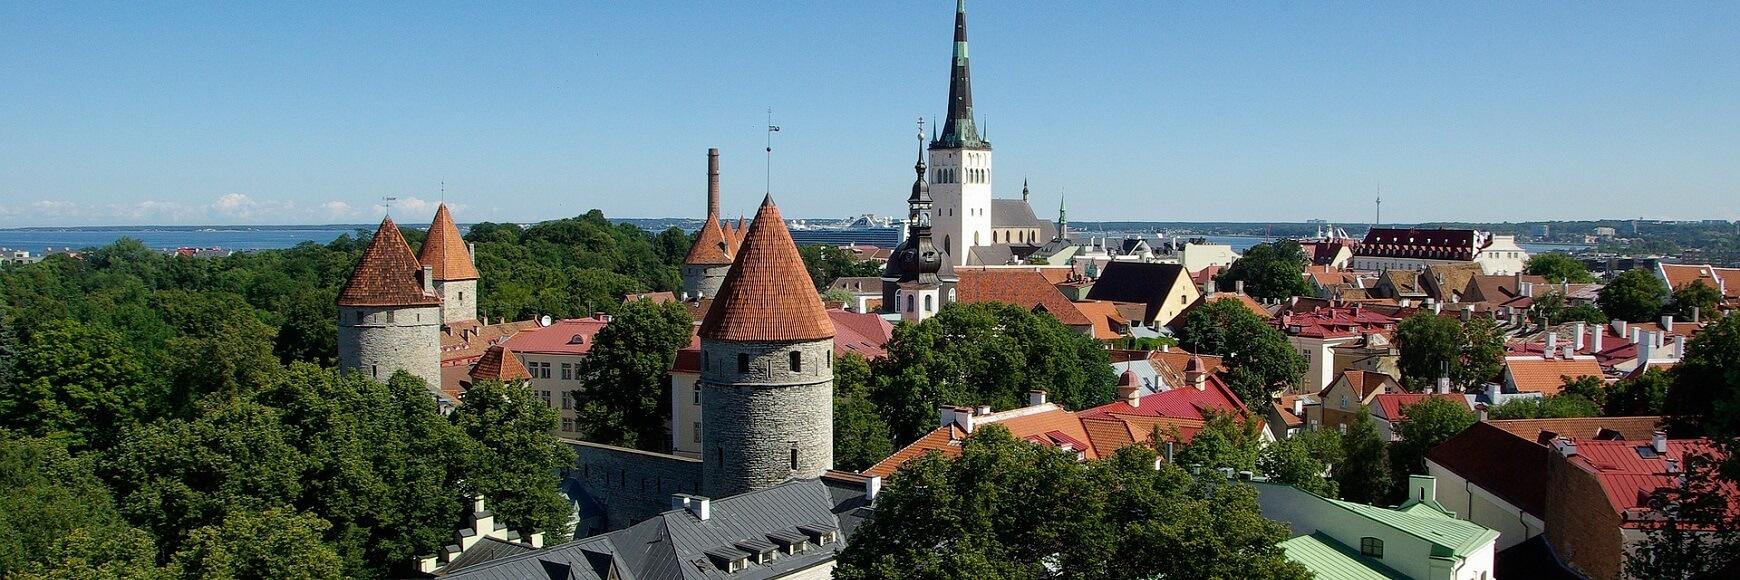 noleggio catamarani Estonia